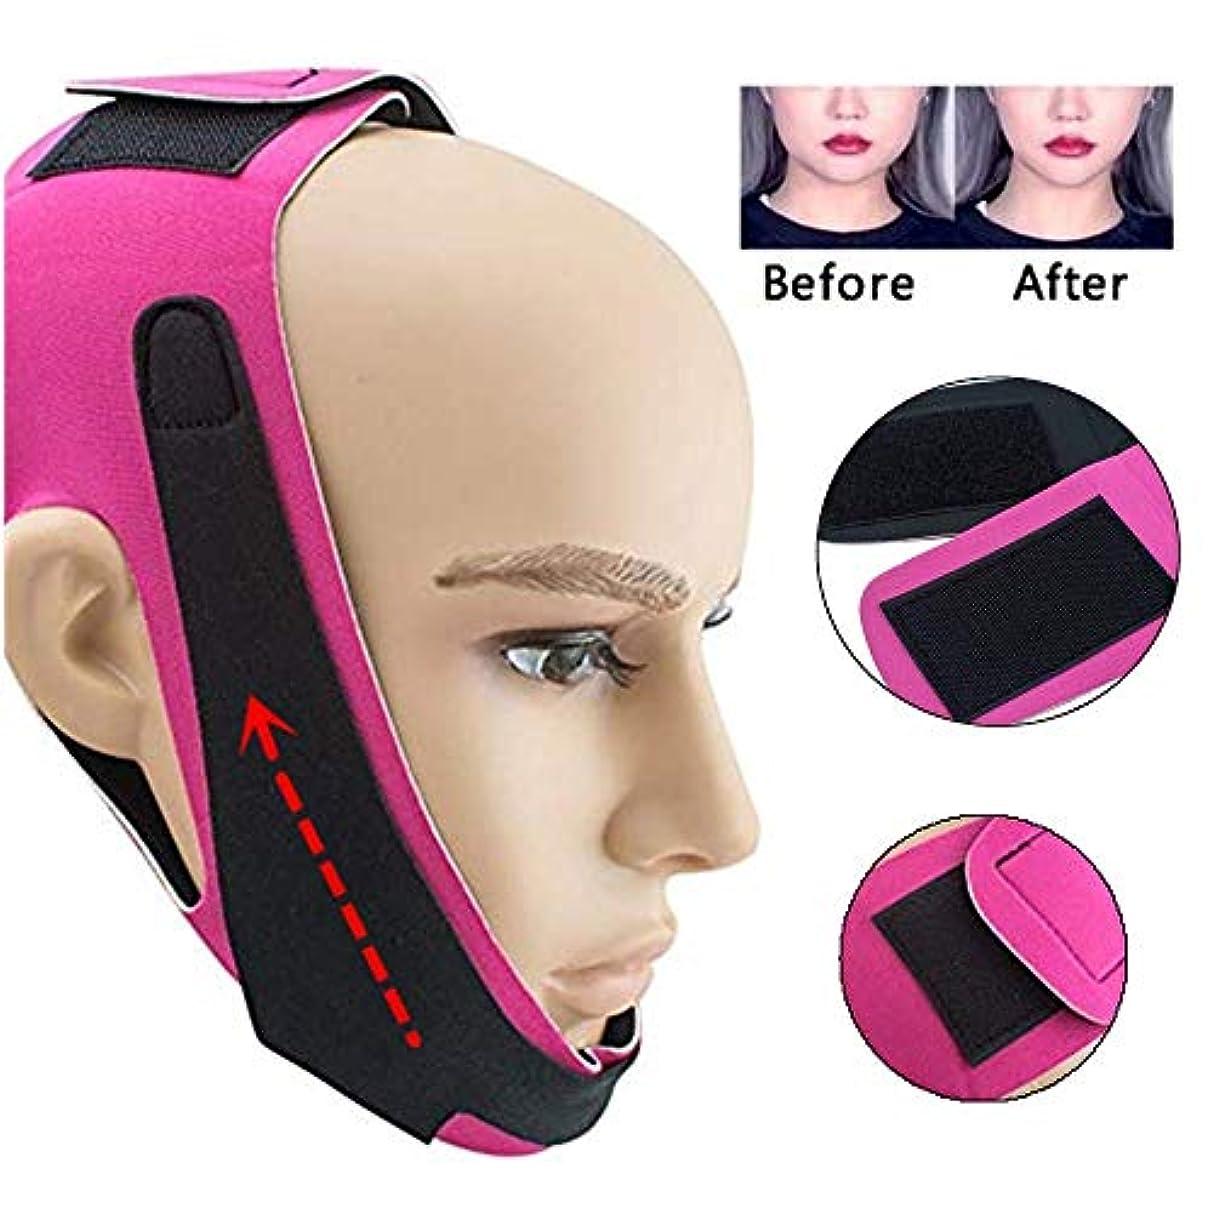 メイン罰の前でThin Face Bandage Face Slimmer Get Rid Of Double Chin Create V-Line Face Shapes Chin Cheek Lift Up Anti Wrinkle...